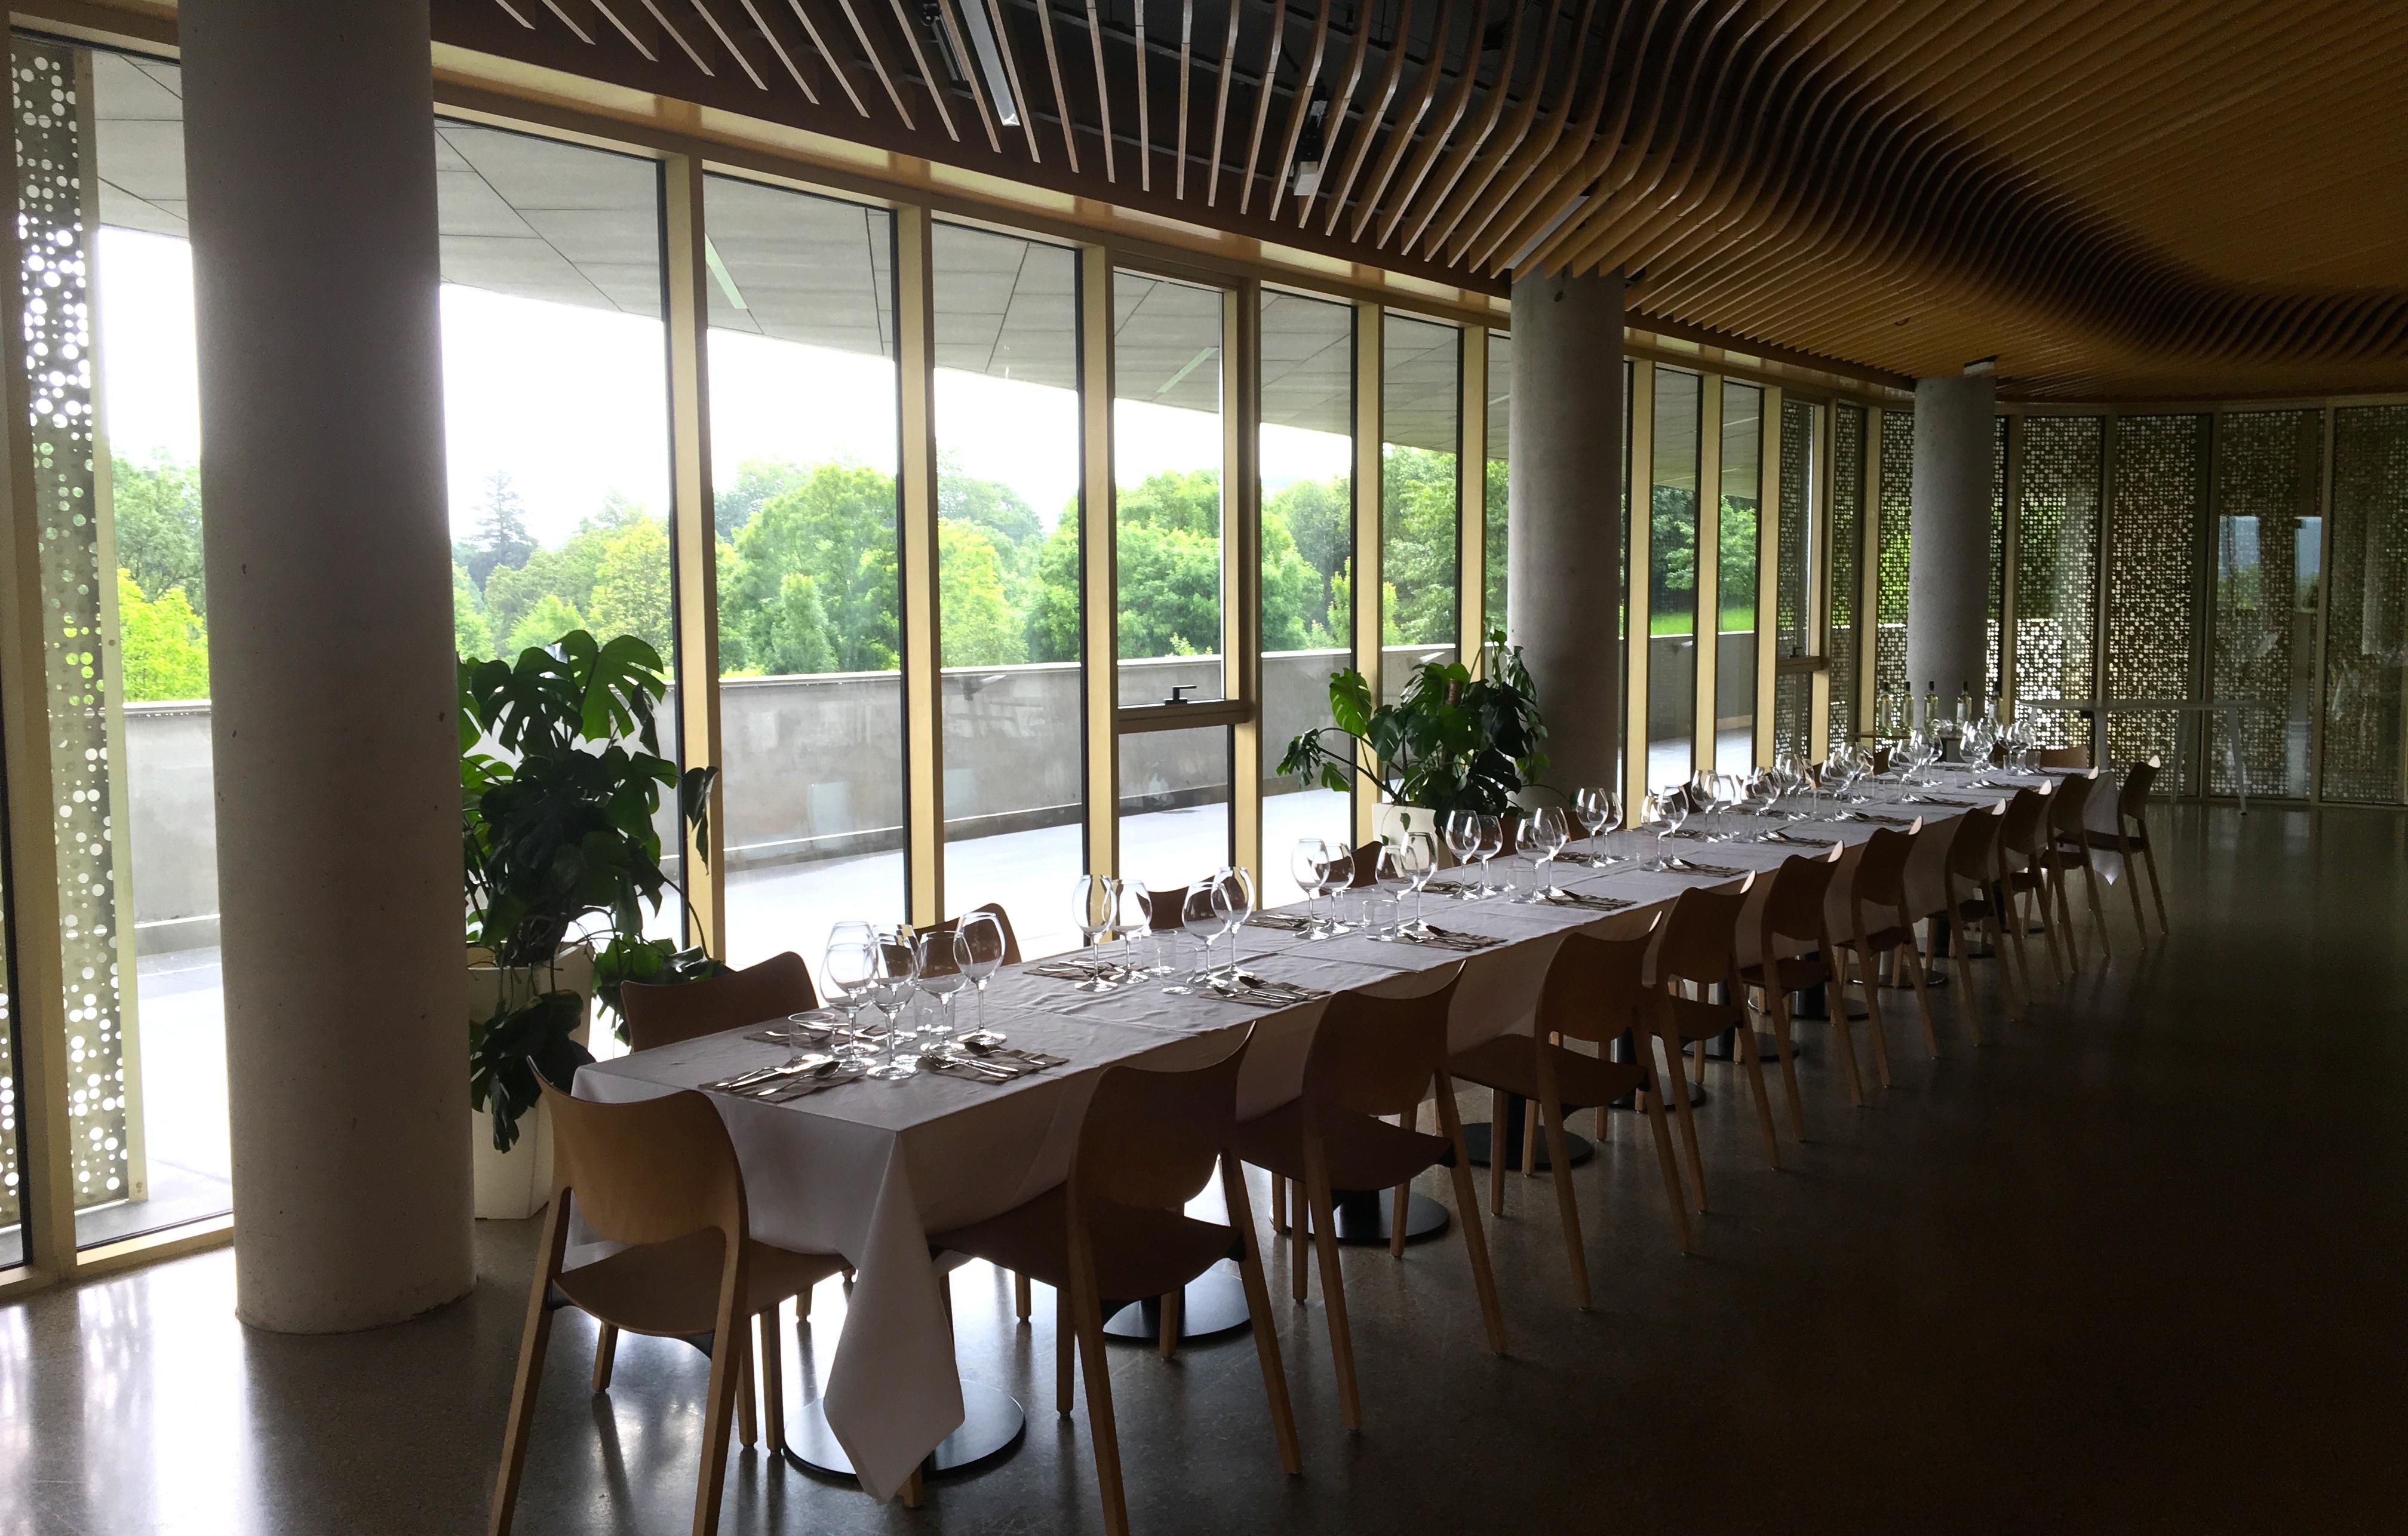 Seminaire team building cuisine gastronomique agence evenementielle erronda pays basque hendaye - Cours de cuisine gastronomique ...